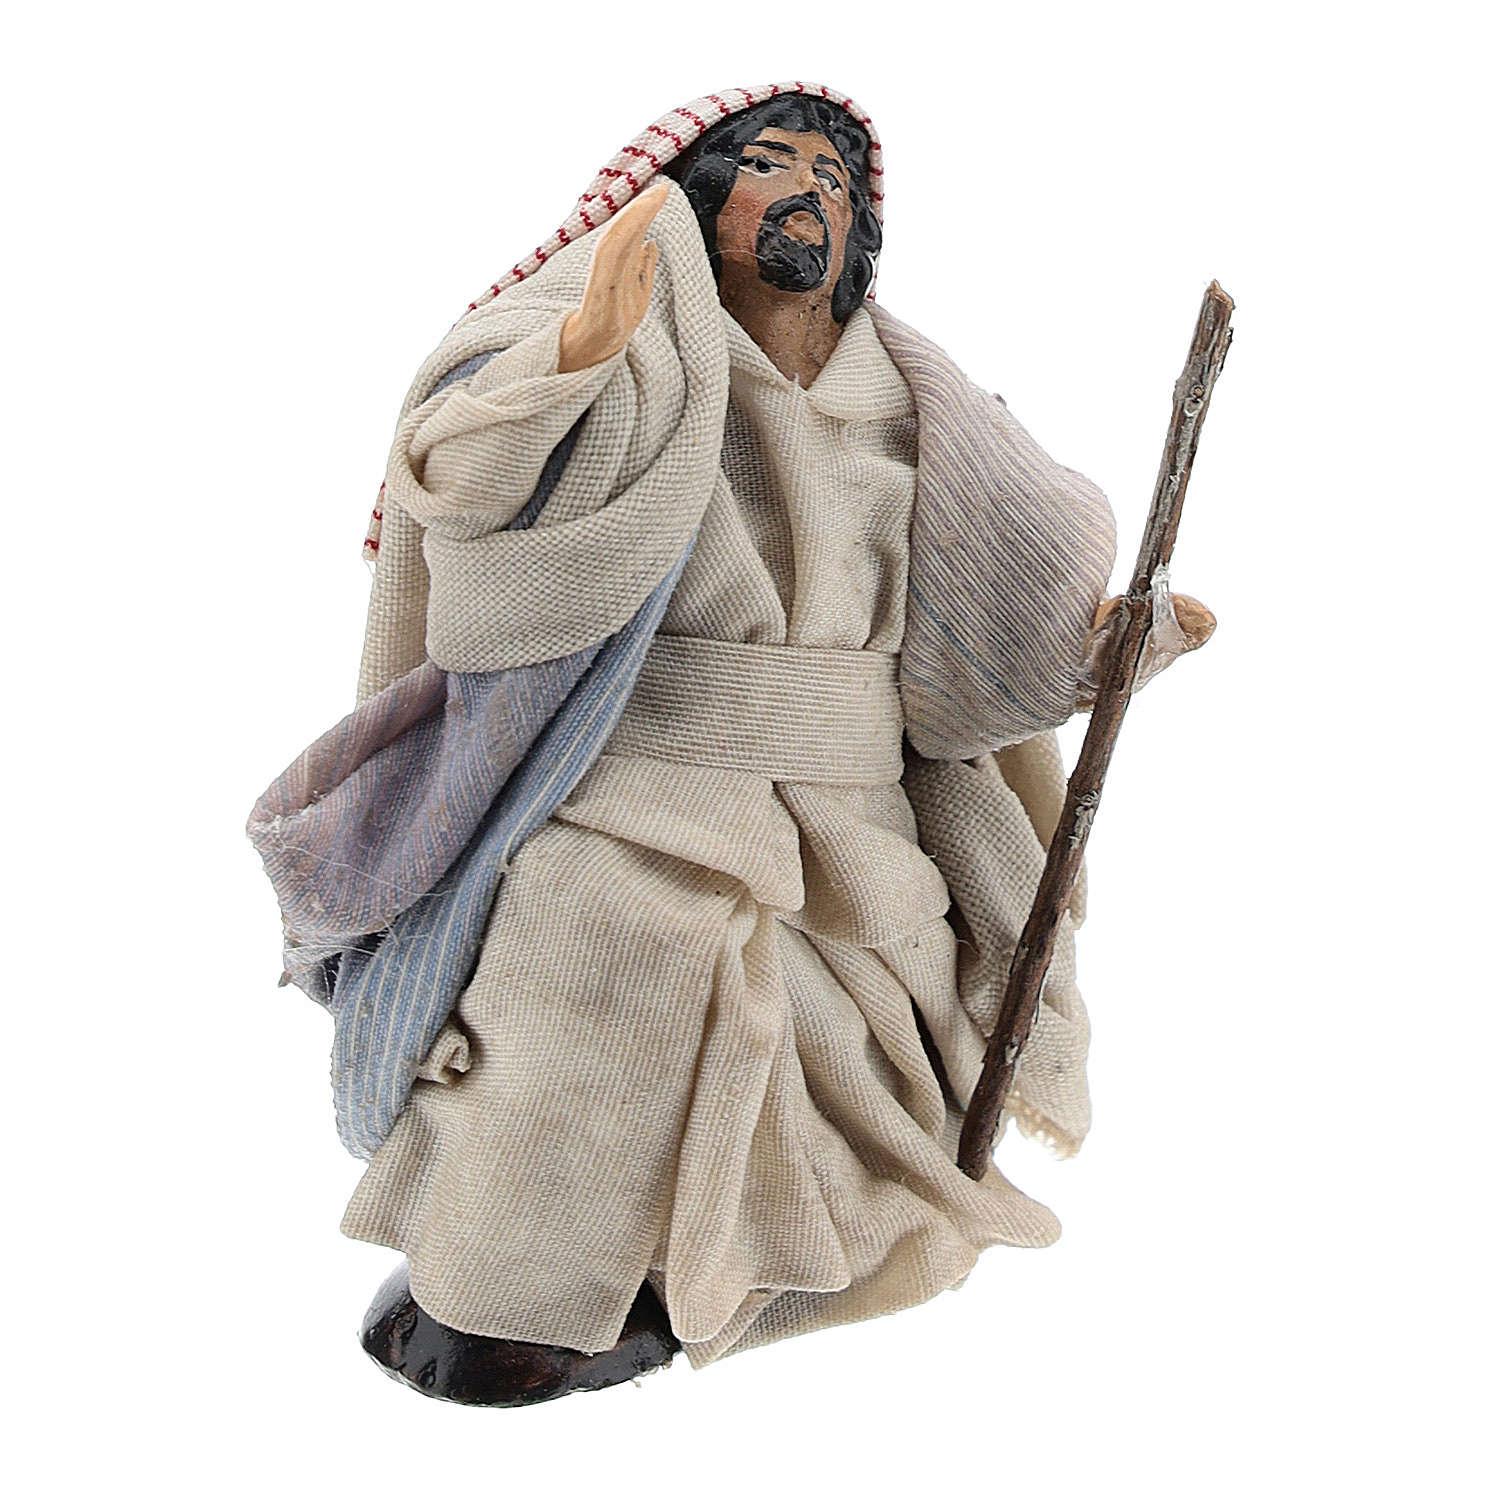 Arabo meravigliato 8 cm presepe napoletano 4